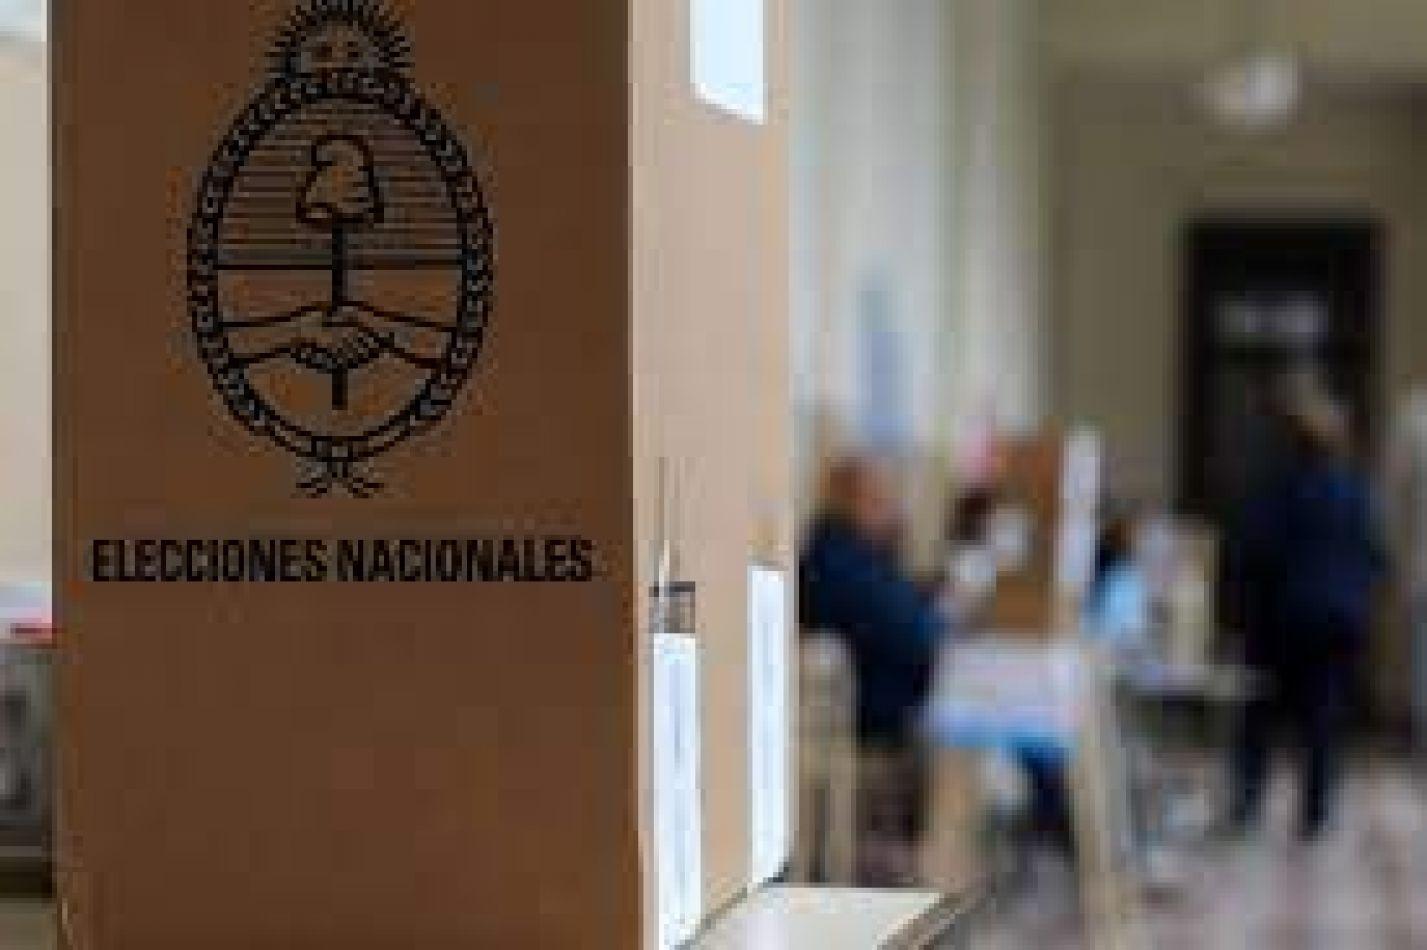 Elecciones legislativas 2021: las primarias se realizarán el 8 de agosto y las generales, el 24 de octubre.